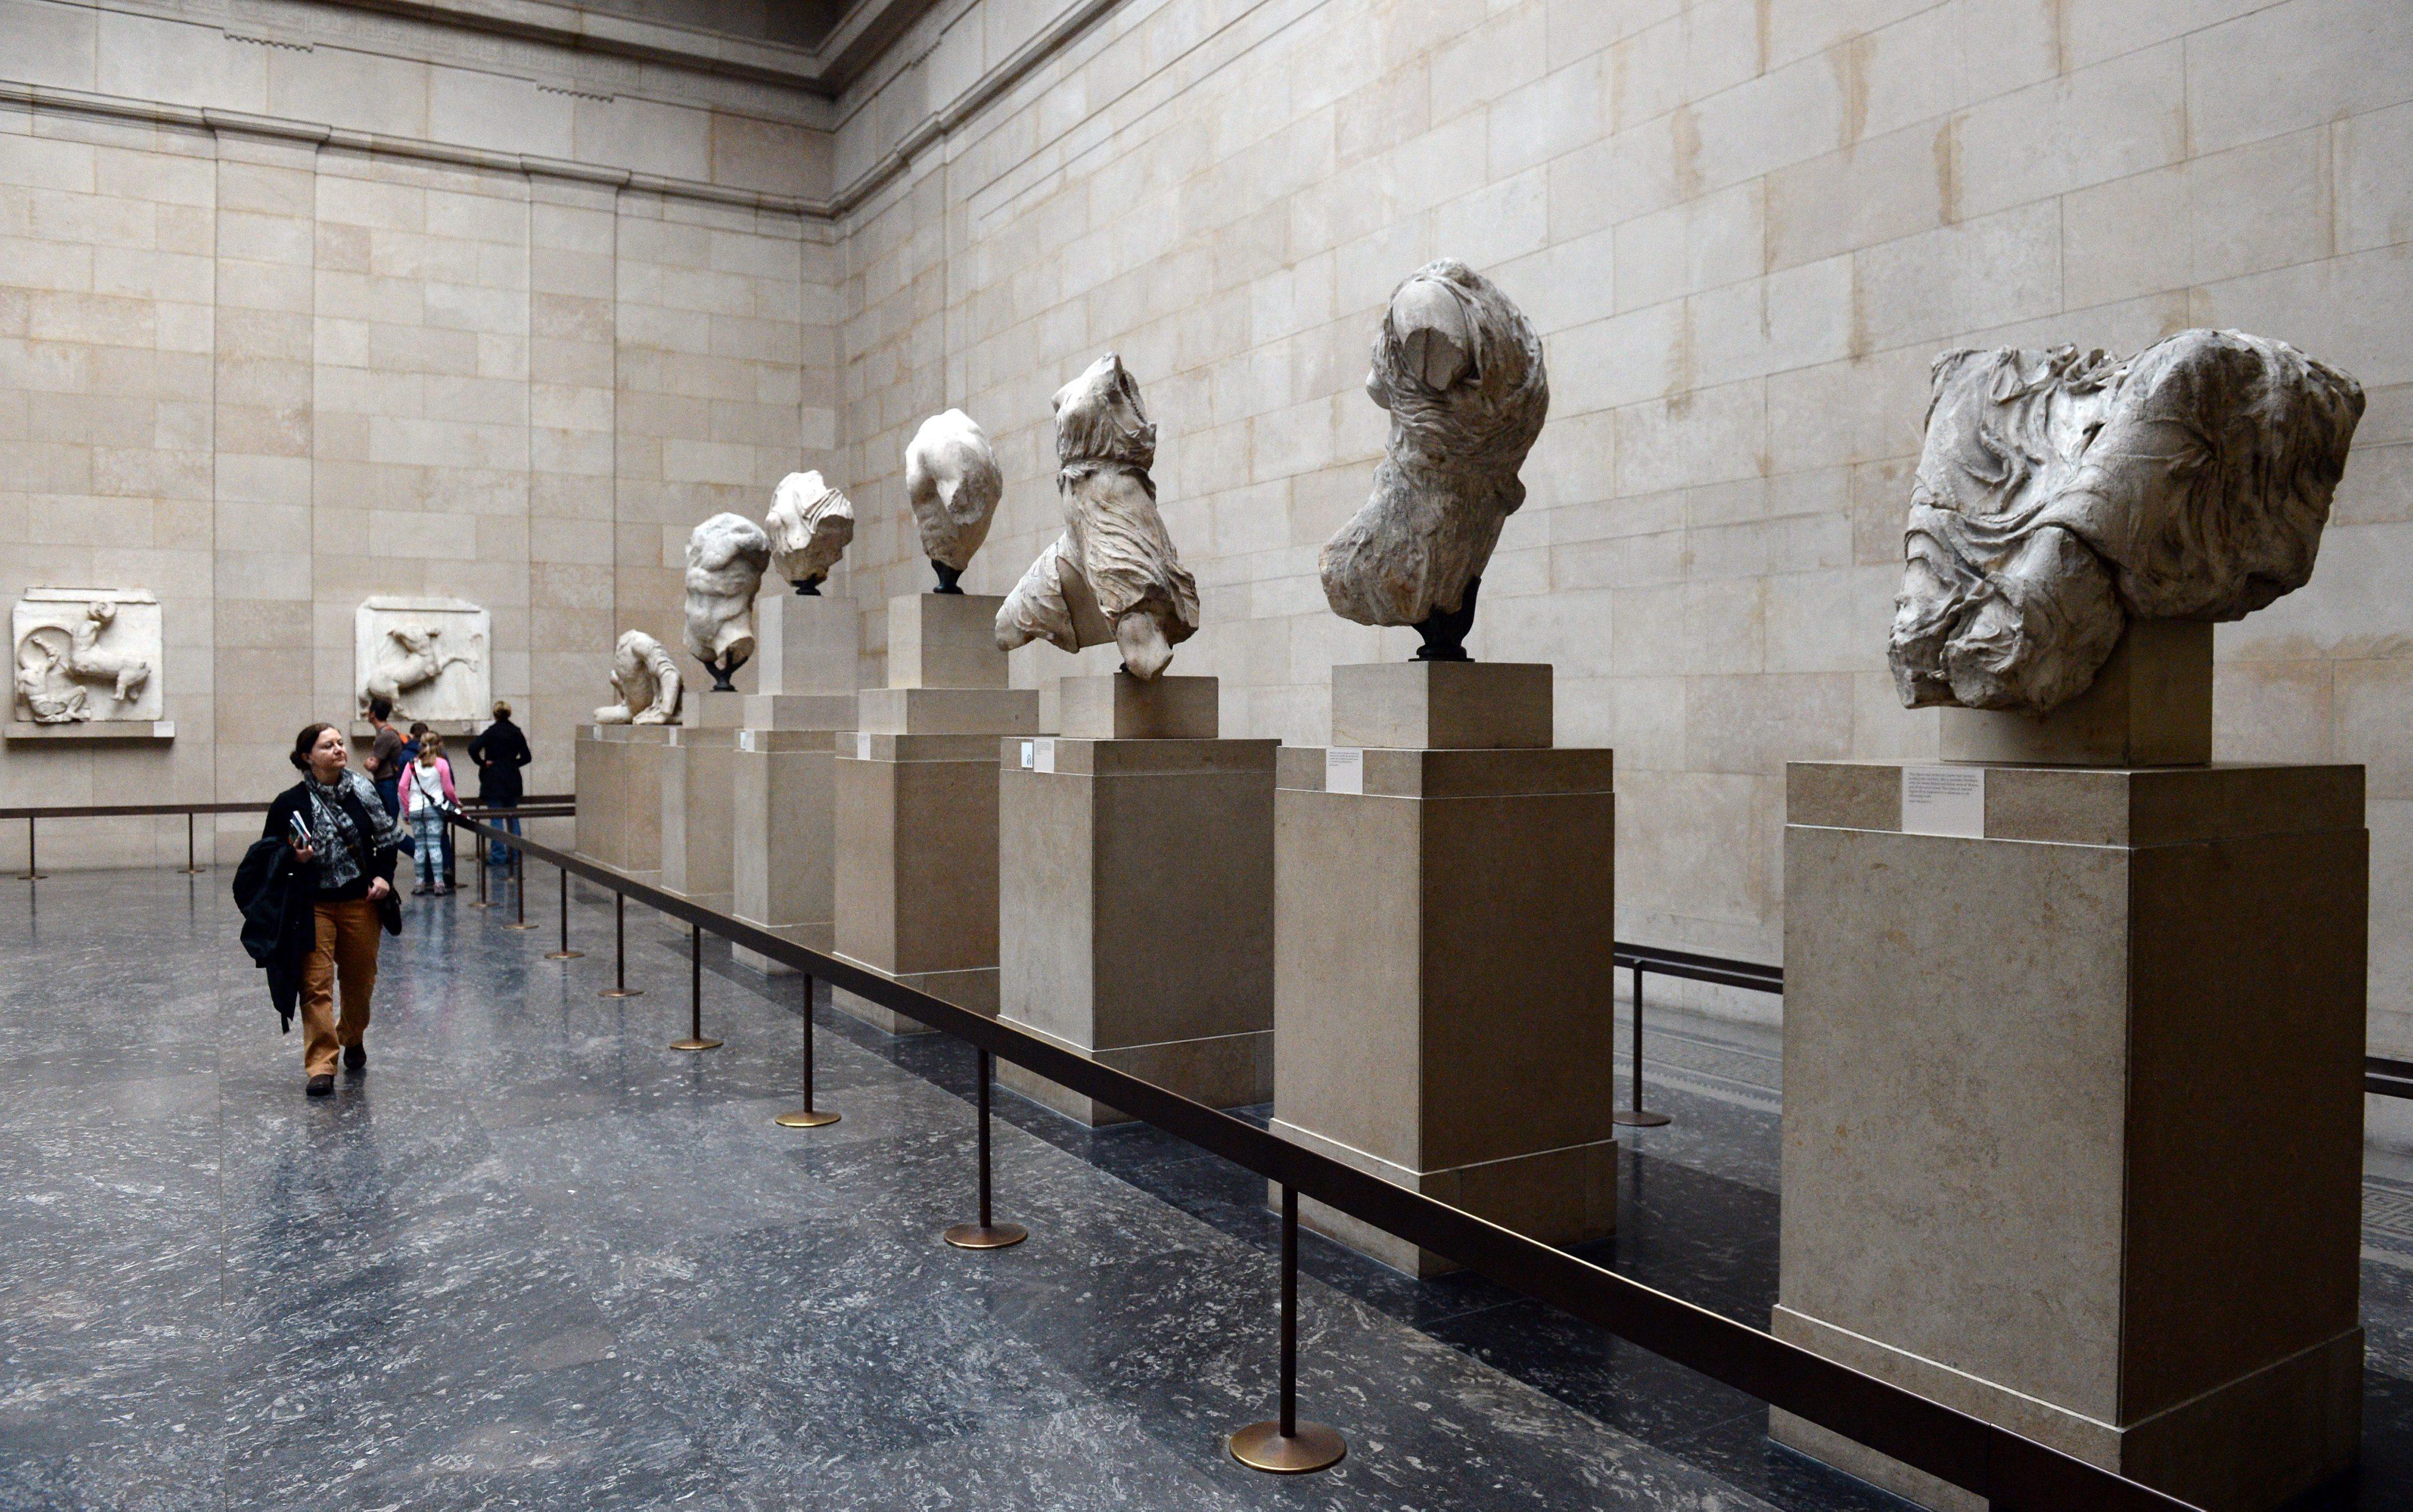 Η Ελλάδα δανείζει θησαυρούς για την επιστροφή των Γλυπτών του Παρθενώνα | tovima.gr